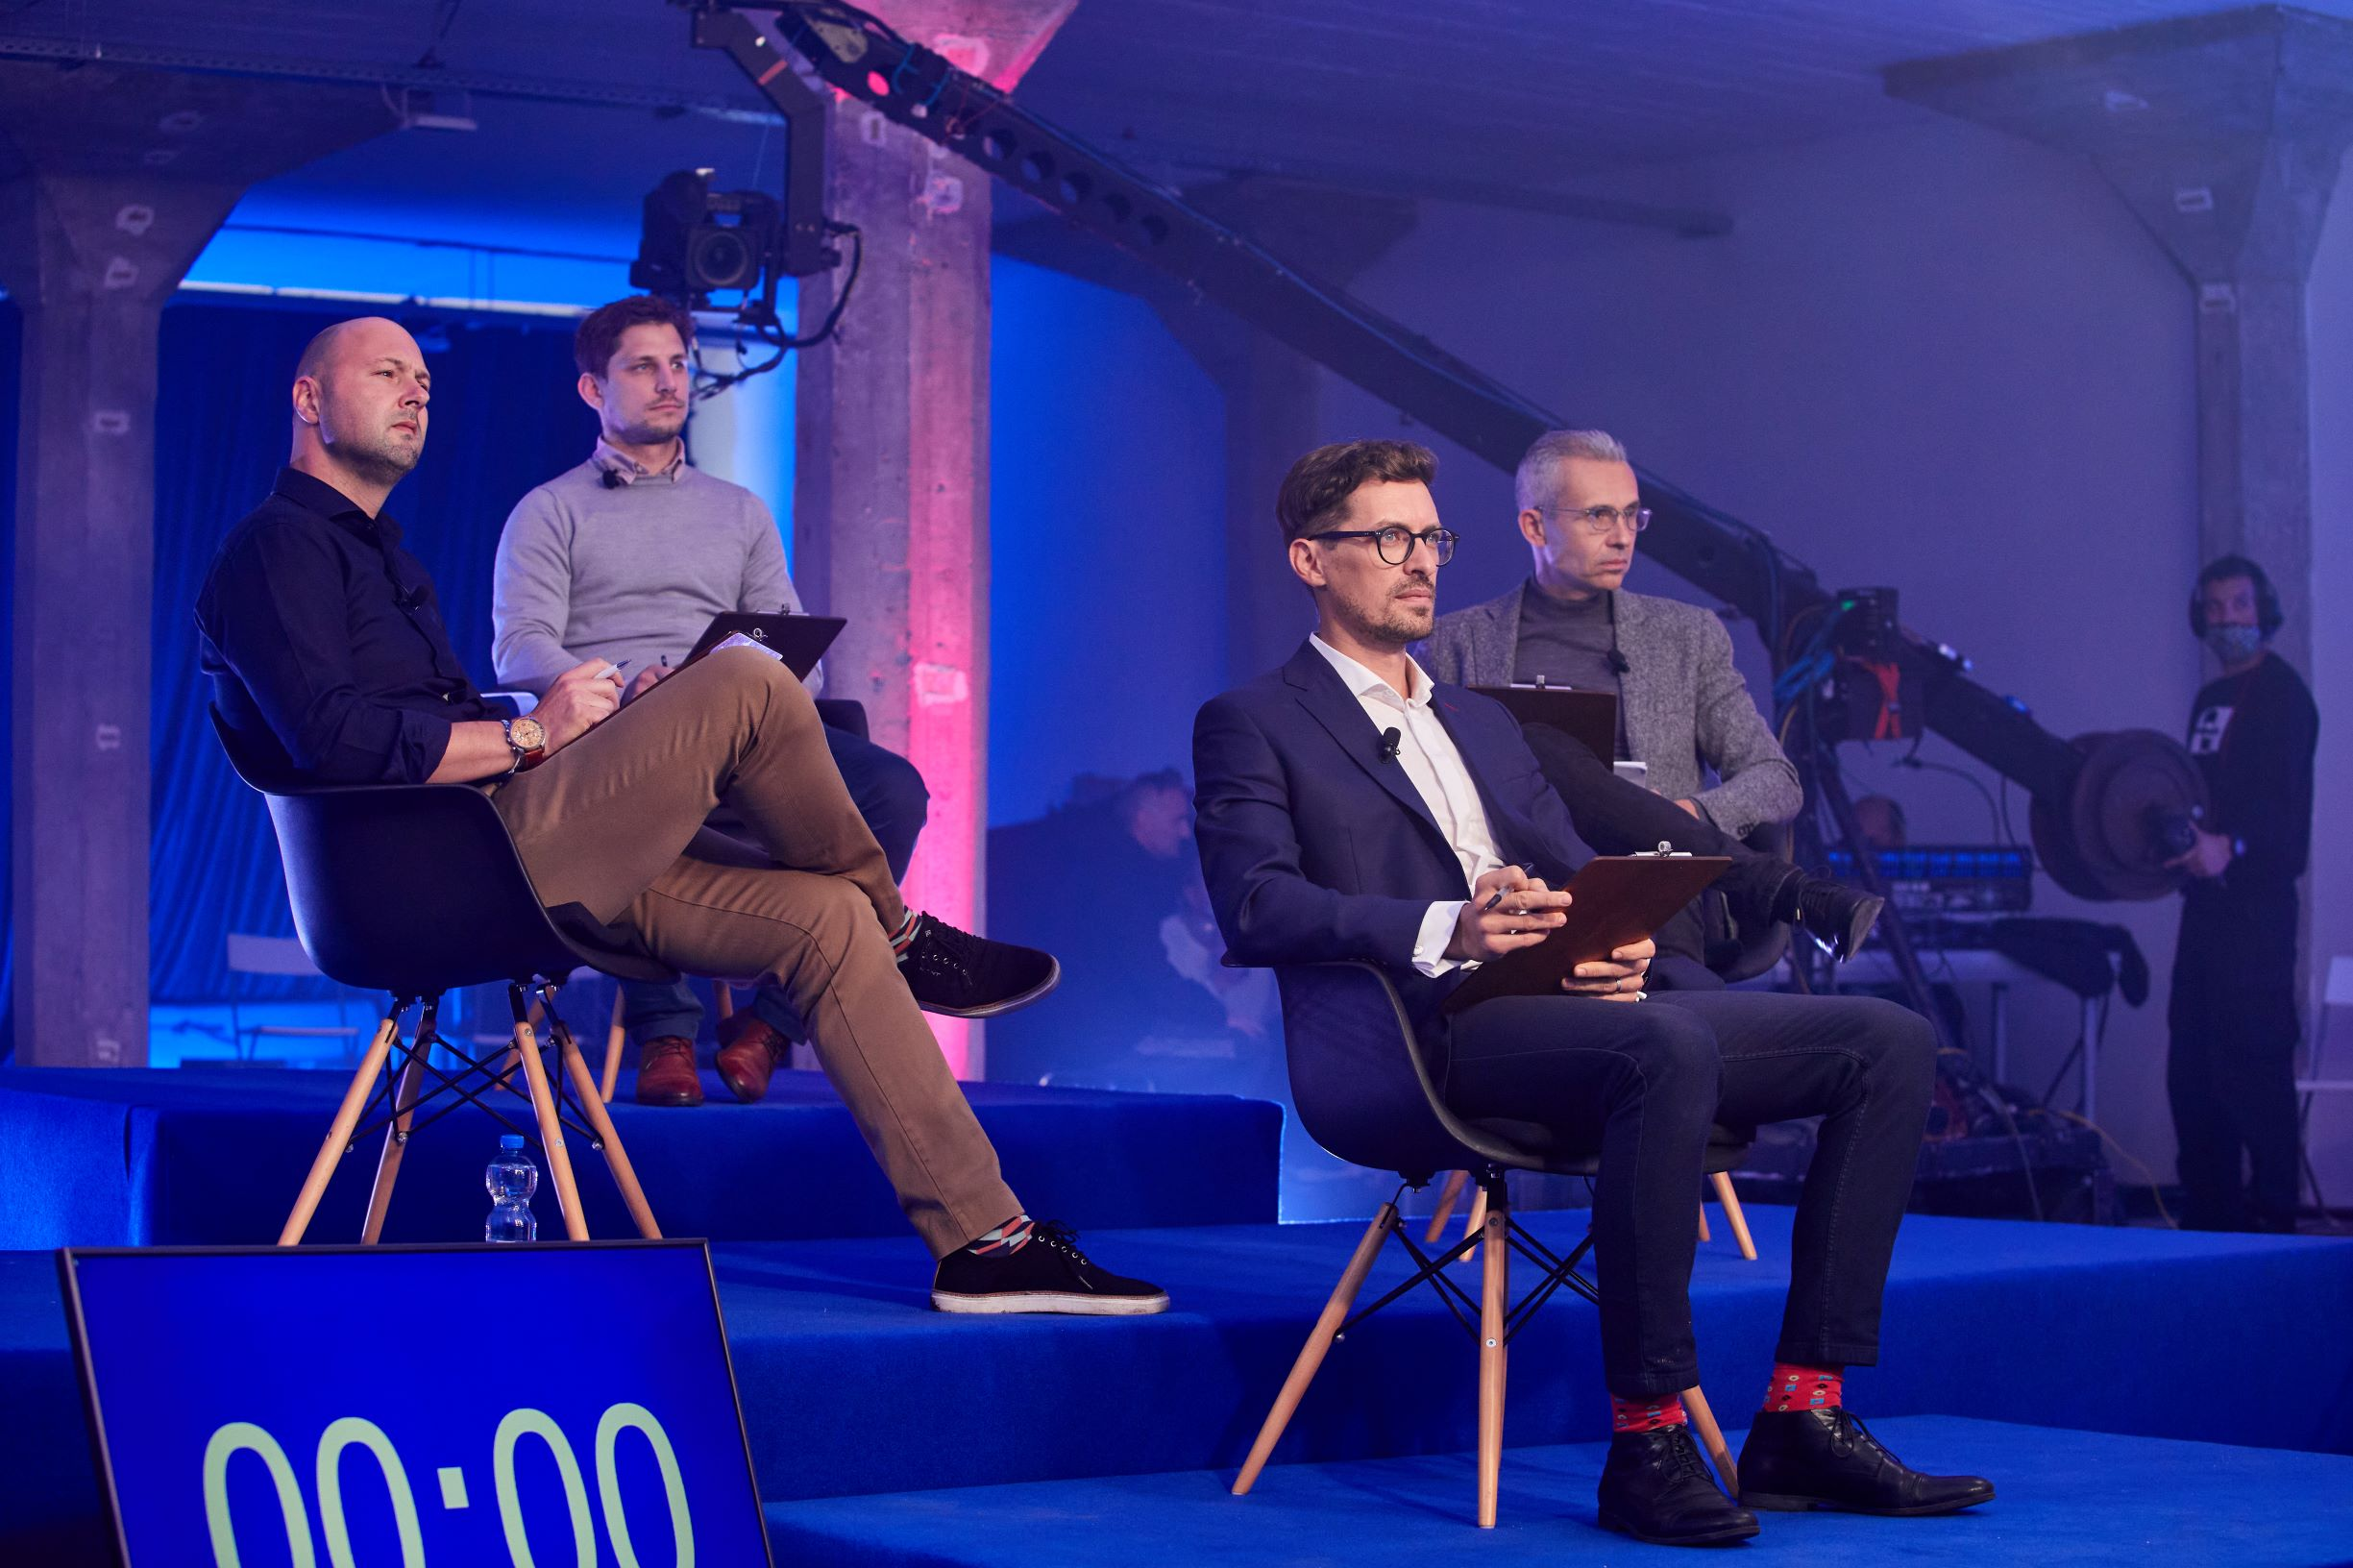 Inovátoři, hlaste se! Zbývá týden do uzávěrky Hack 2 Normal hackathonu